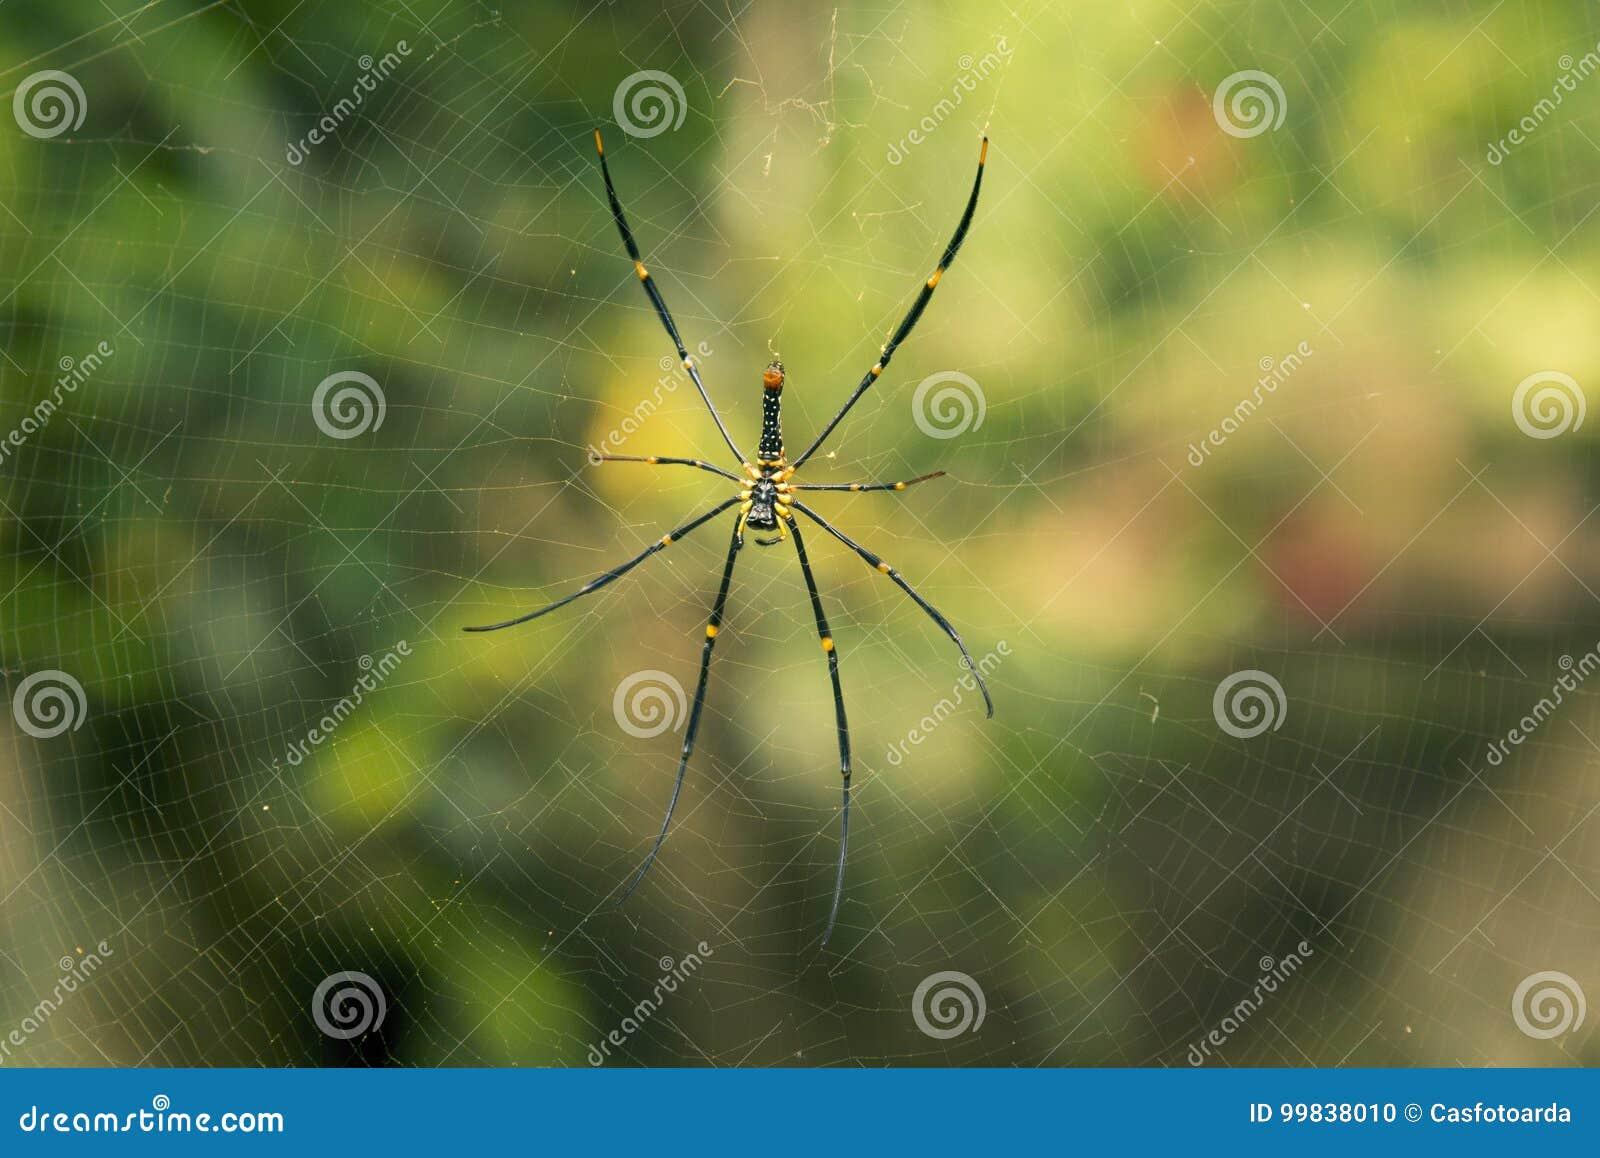 Spinne auf einem Spinnenweb